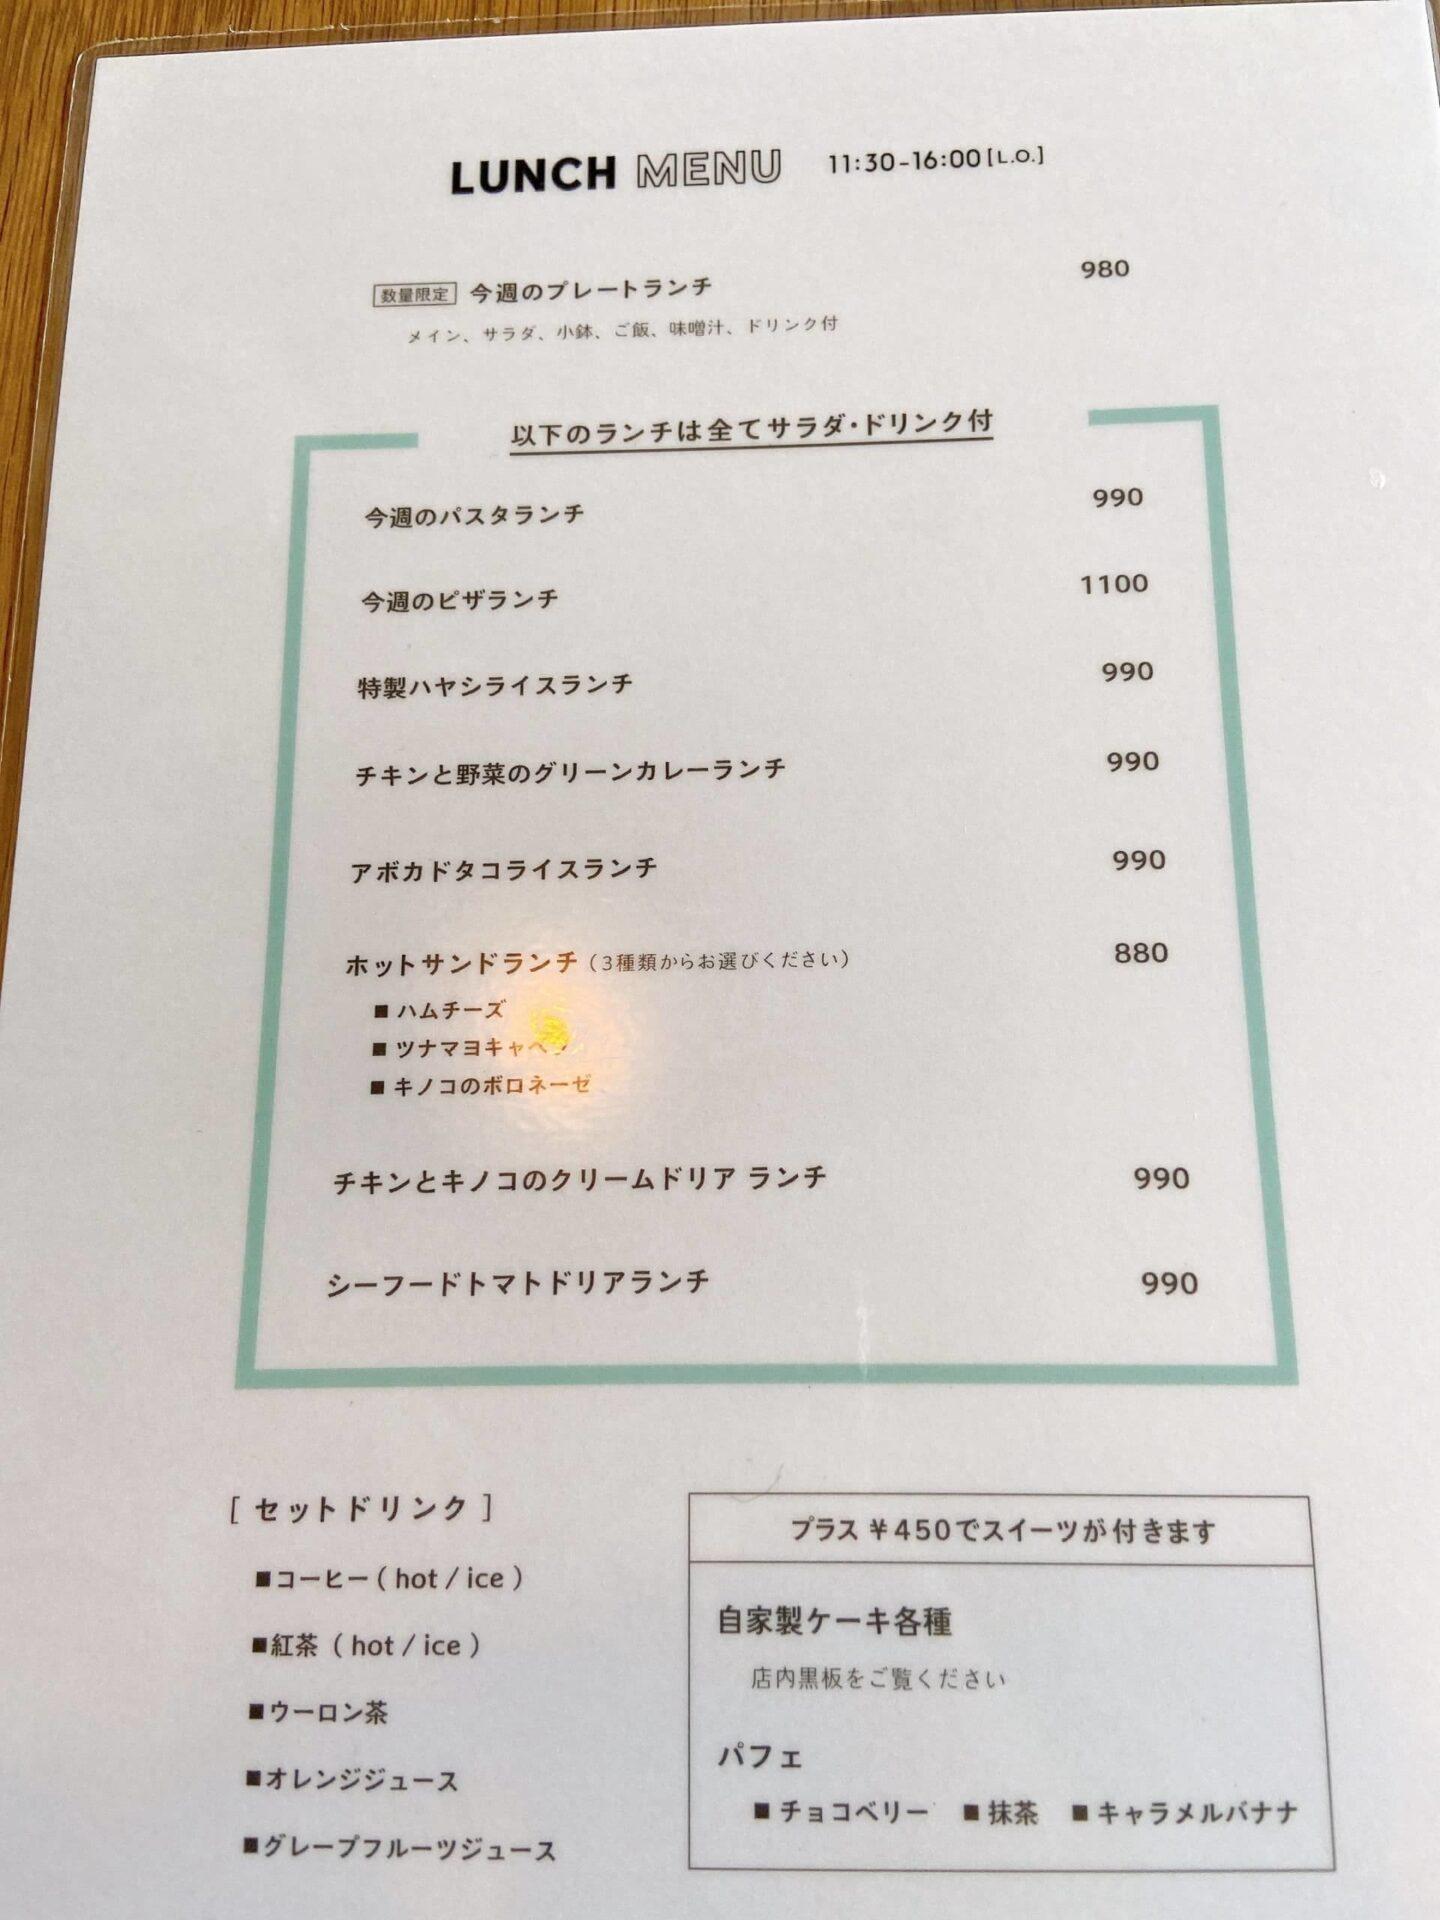 cafe tori 草津 メニュー